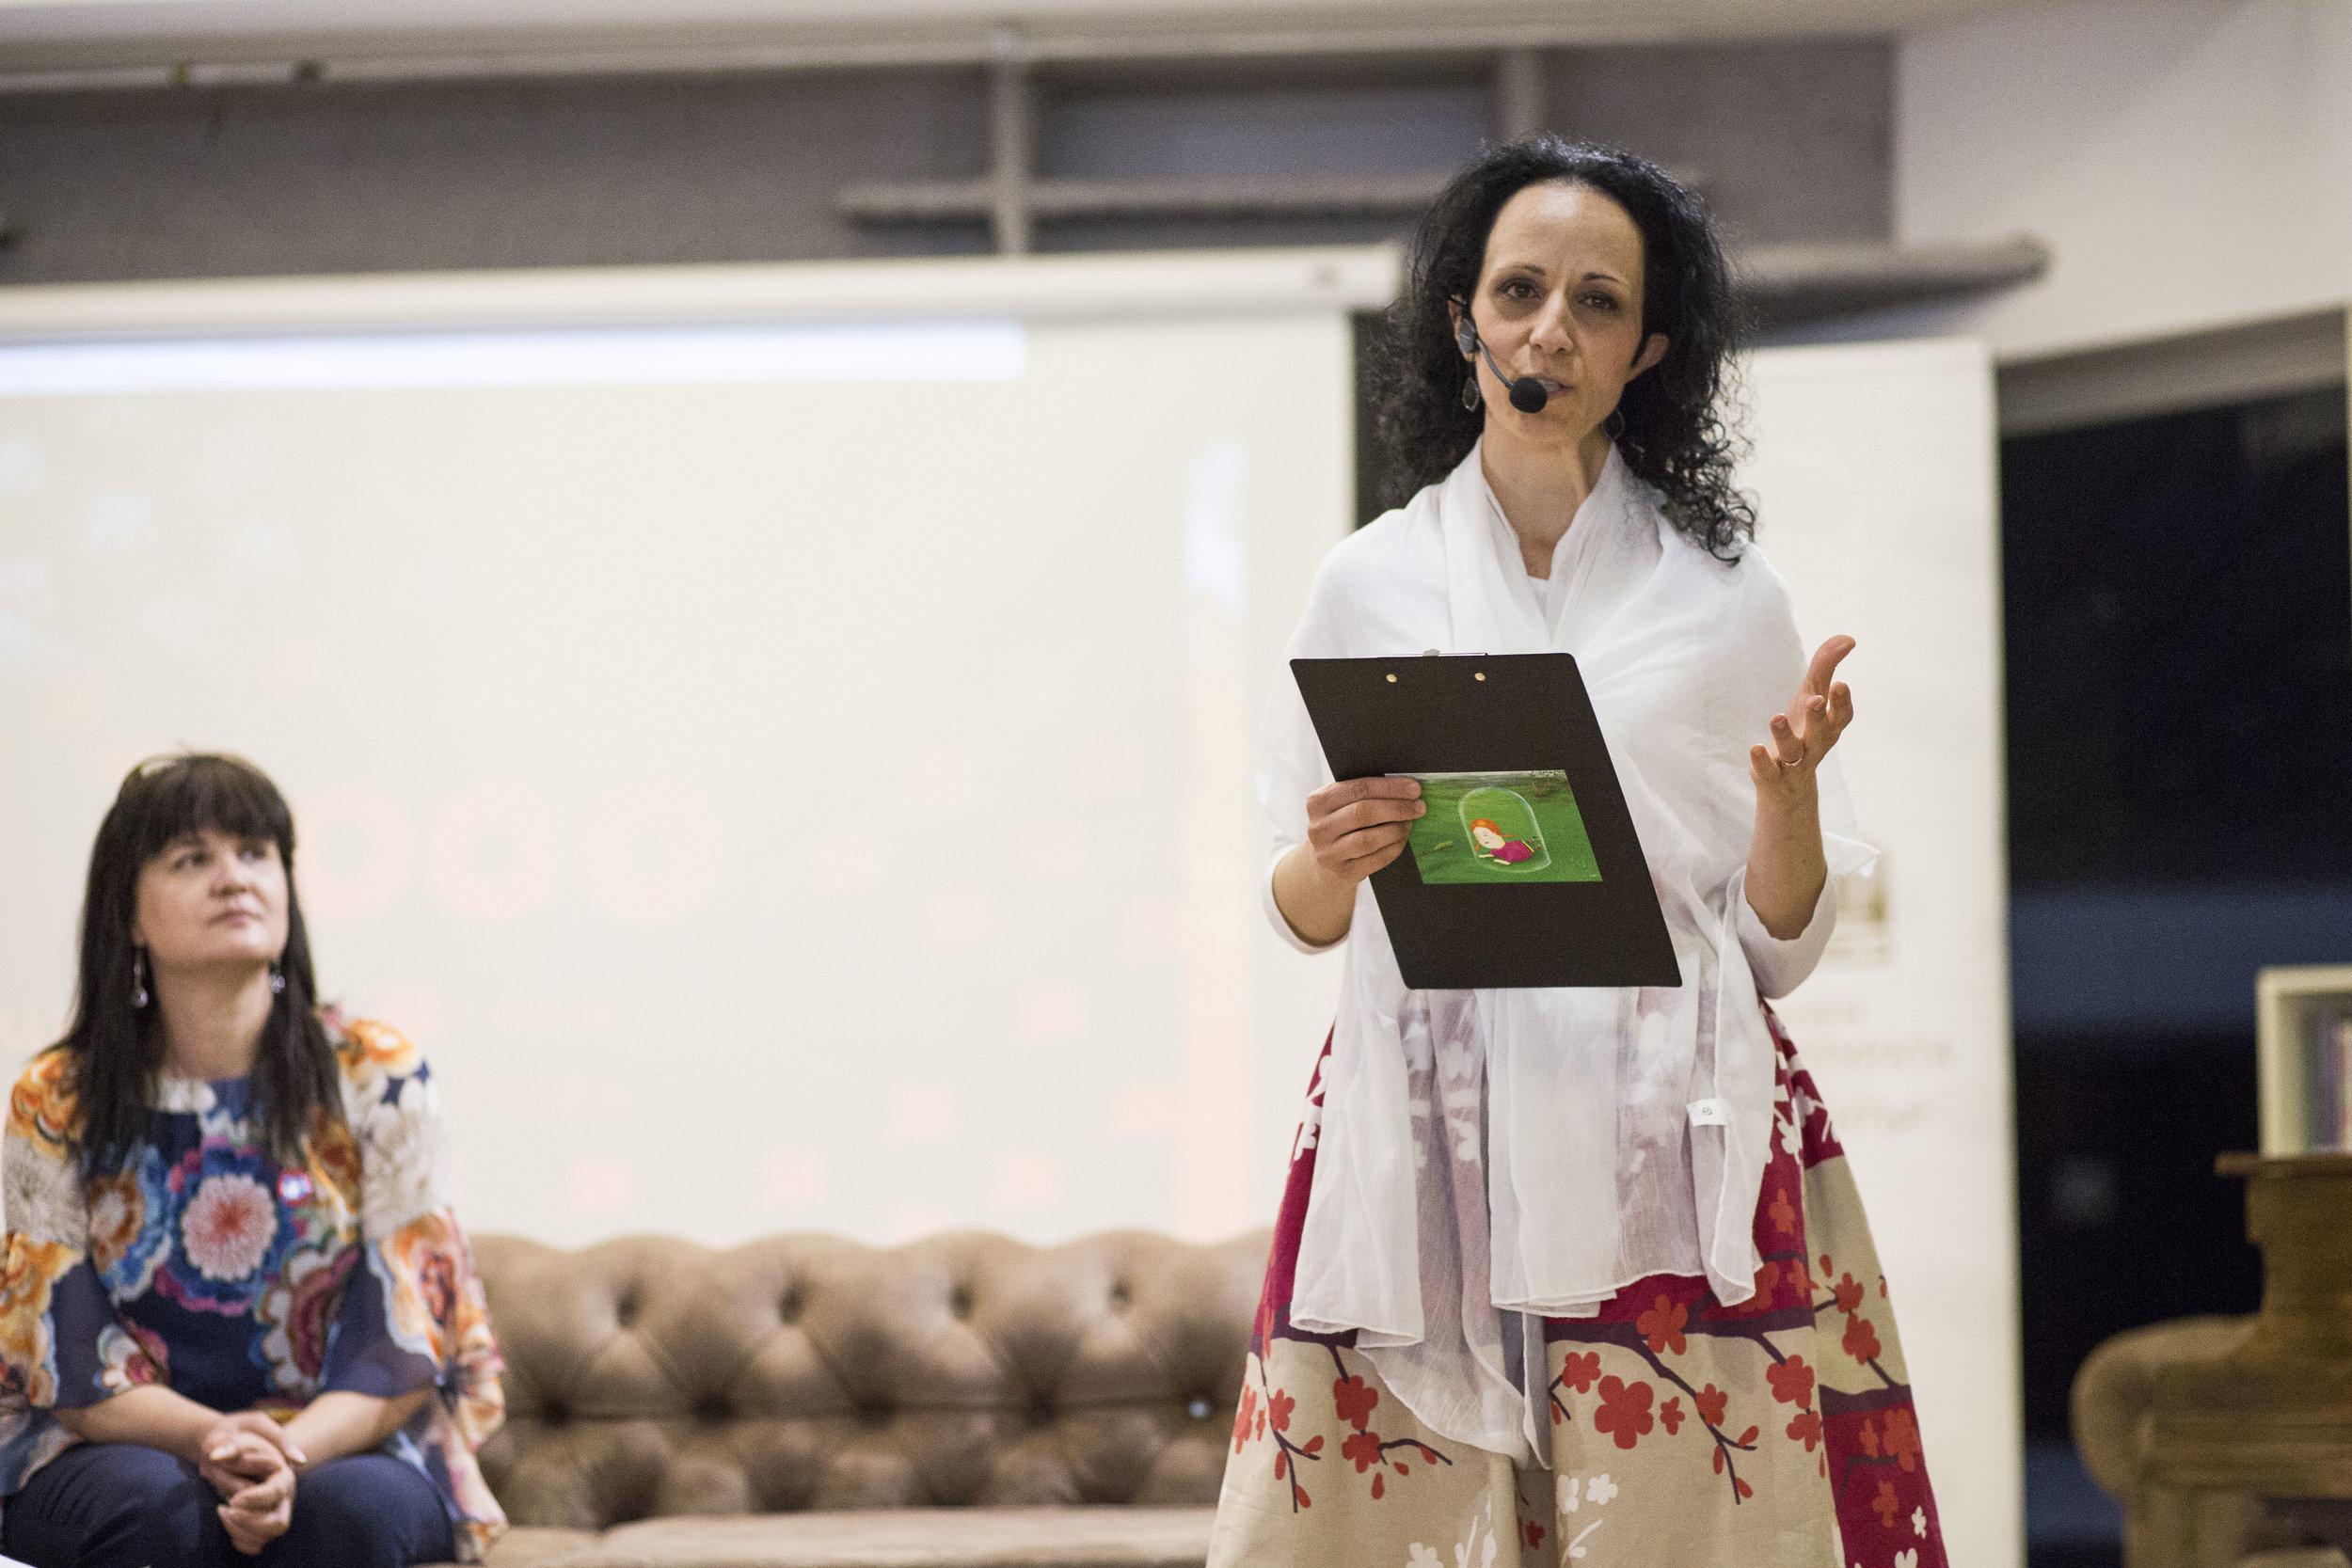 """""""Да бъдем честни и почтени в това да сме разни пред закона, независимо как сме се родили."""" - Надя Шабани, директор на Български център за нестопанско право."""